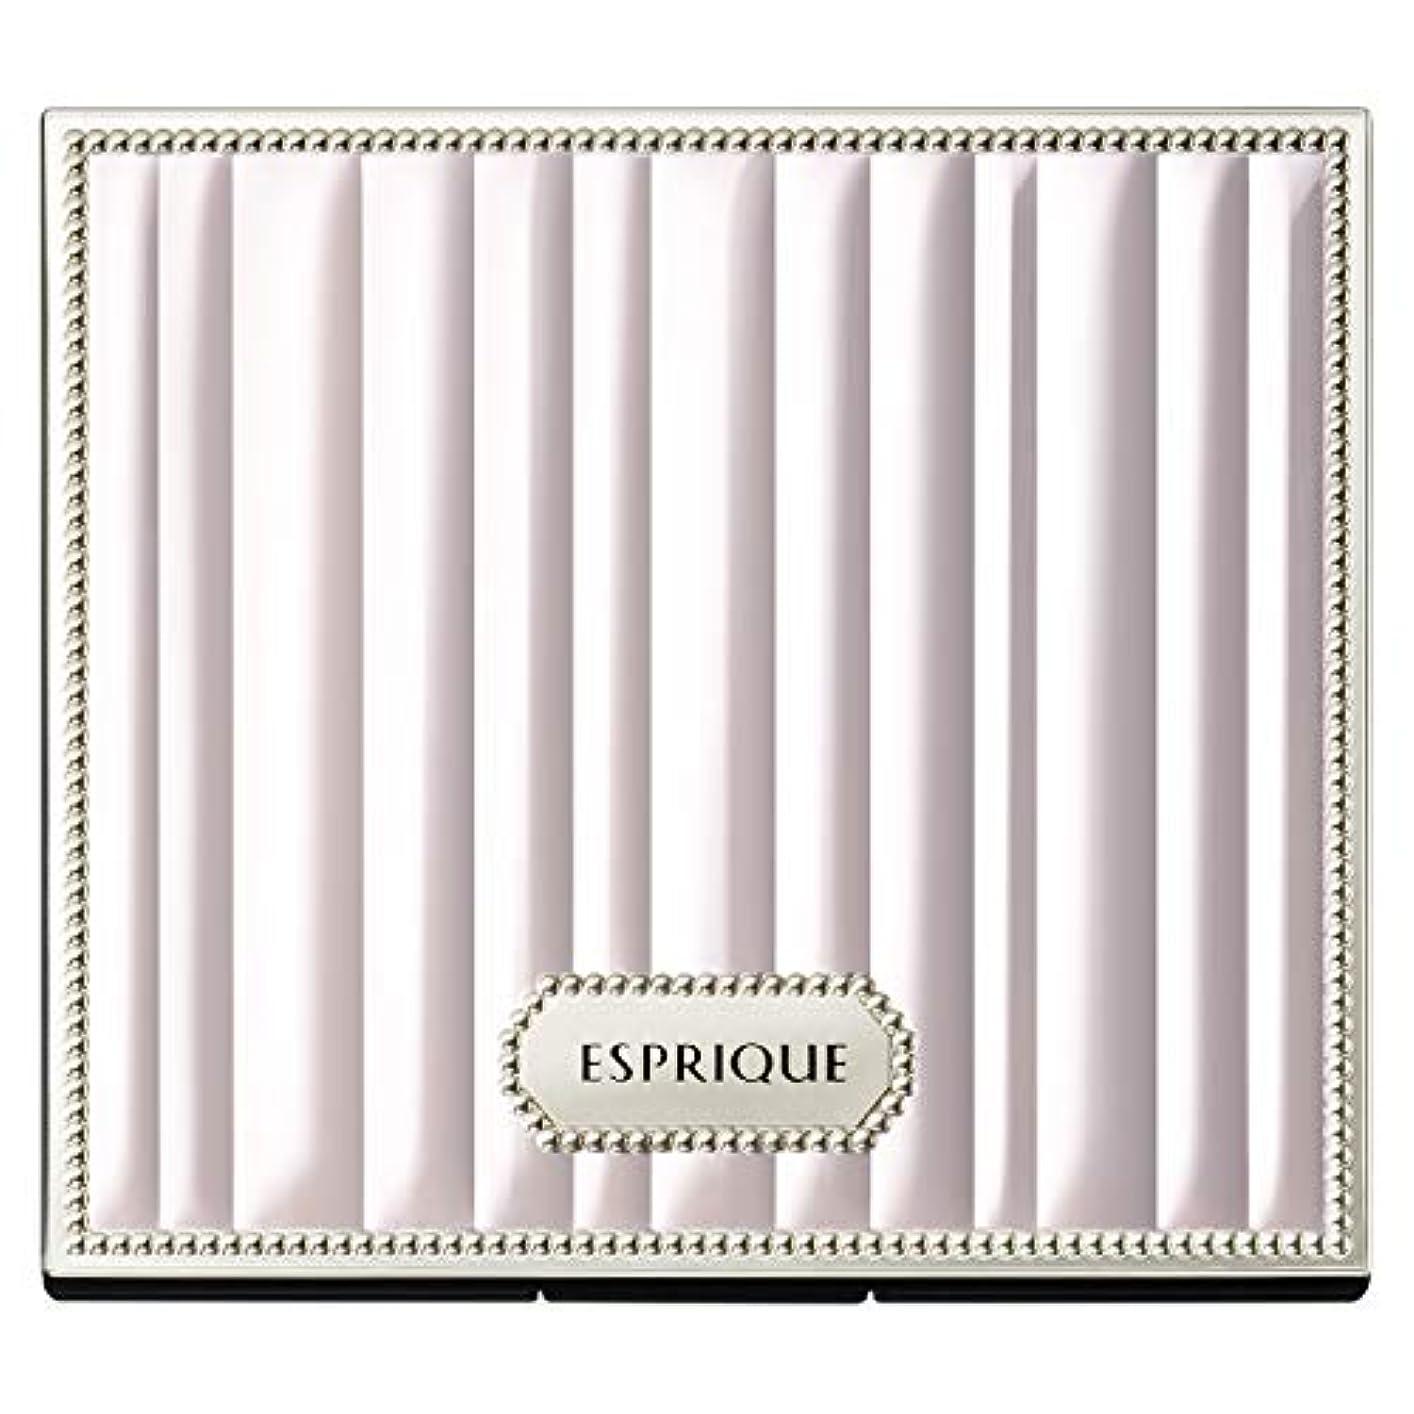 弾性件名退屈ESPRIQUE(エスプリーク) エスプリーク アイカラー ケース N 1個